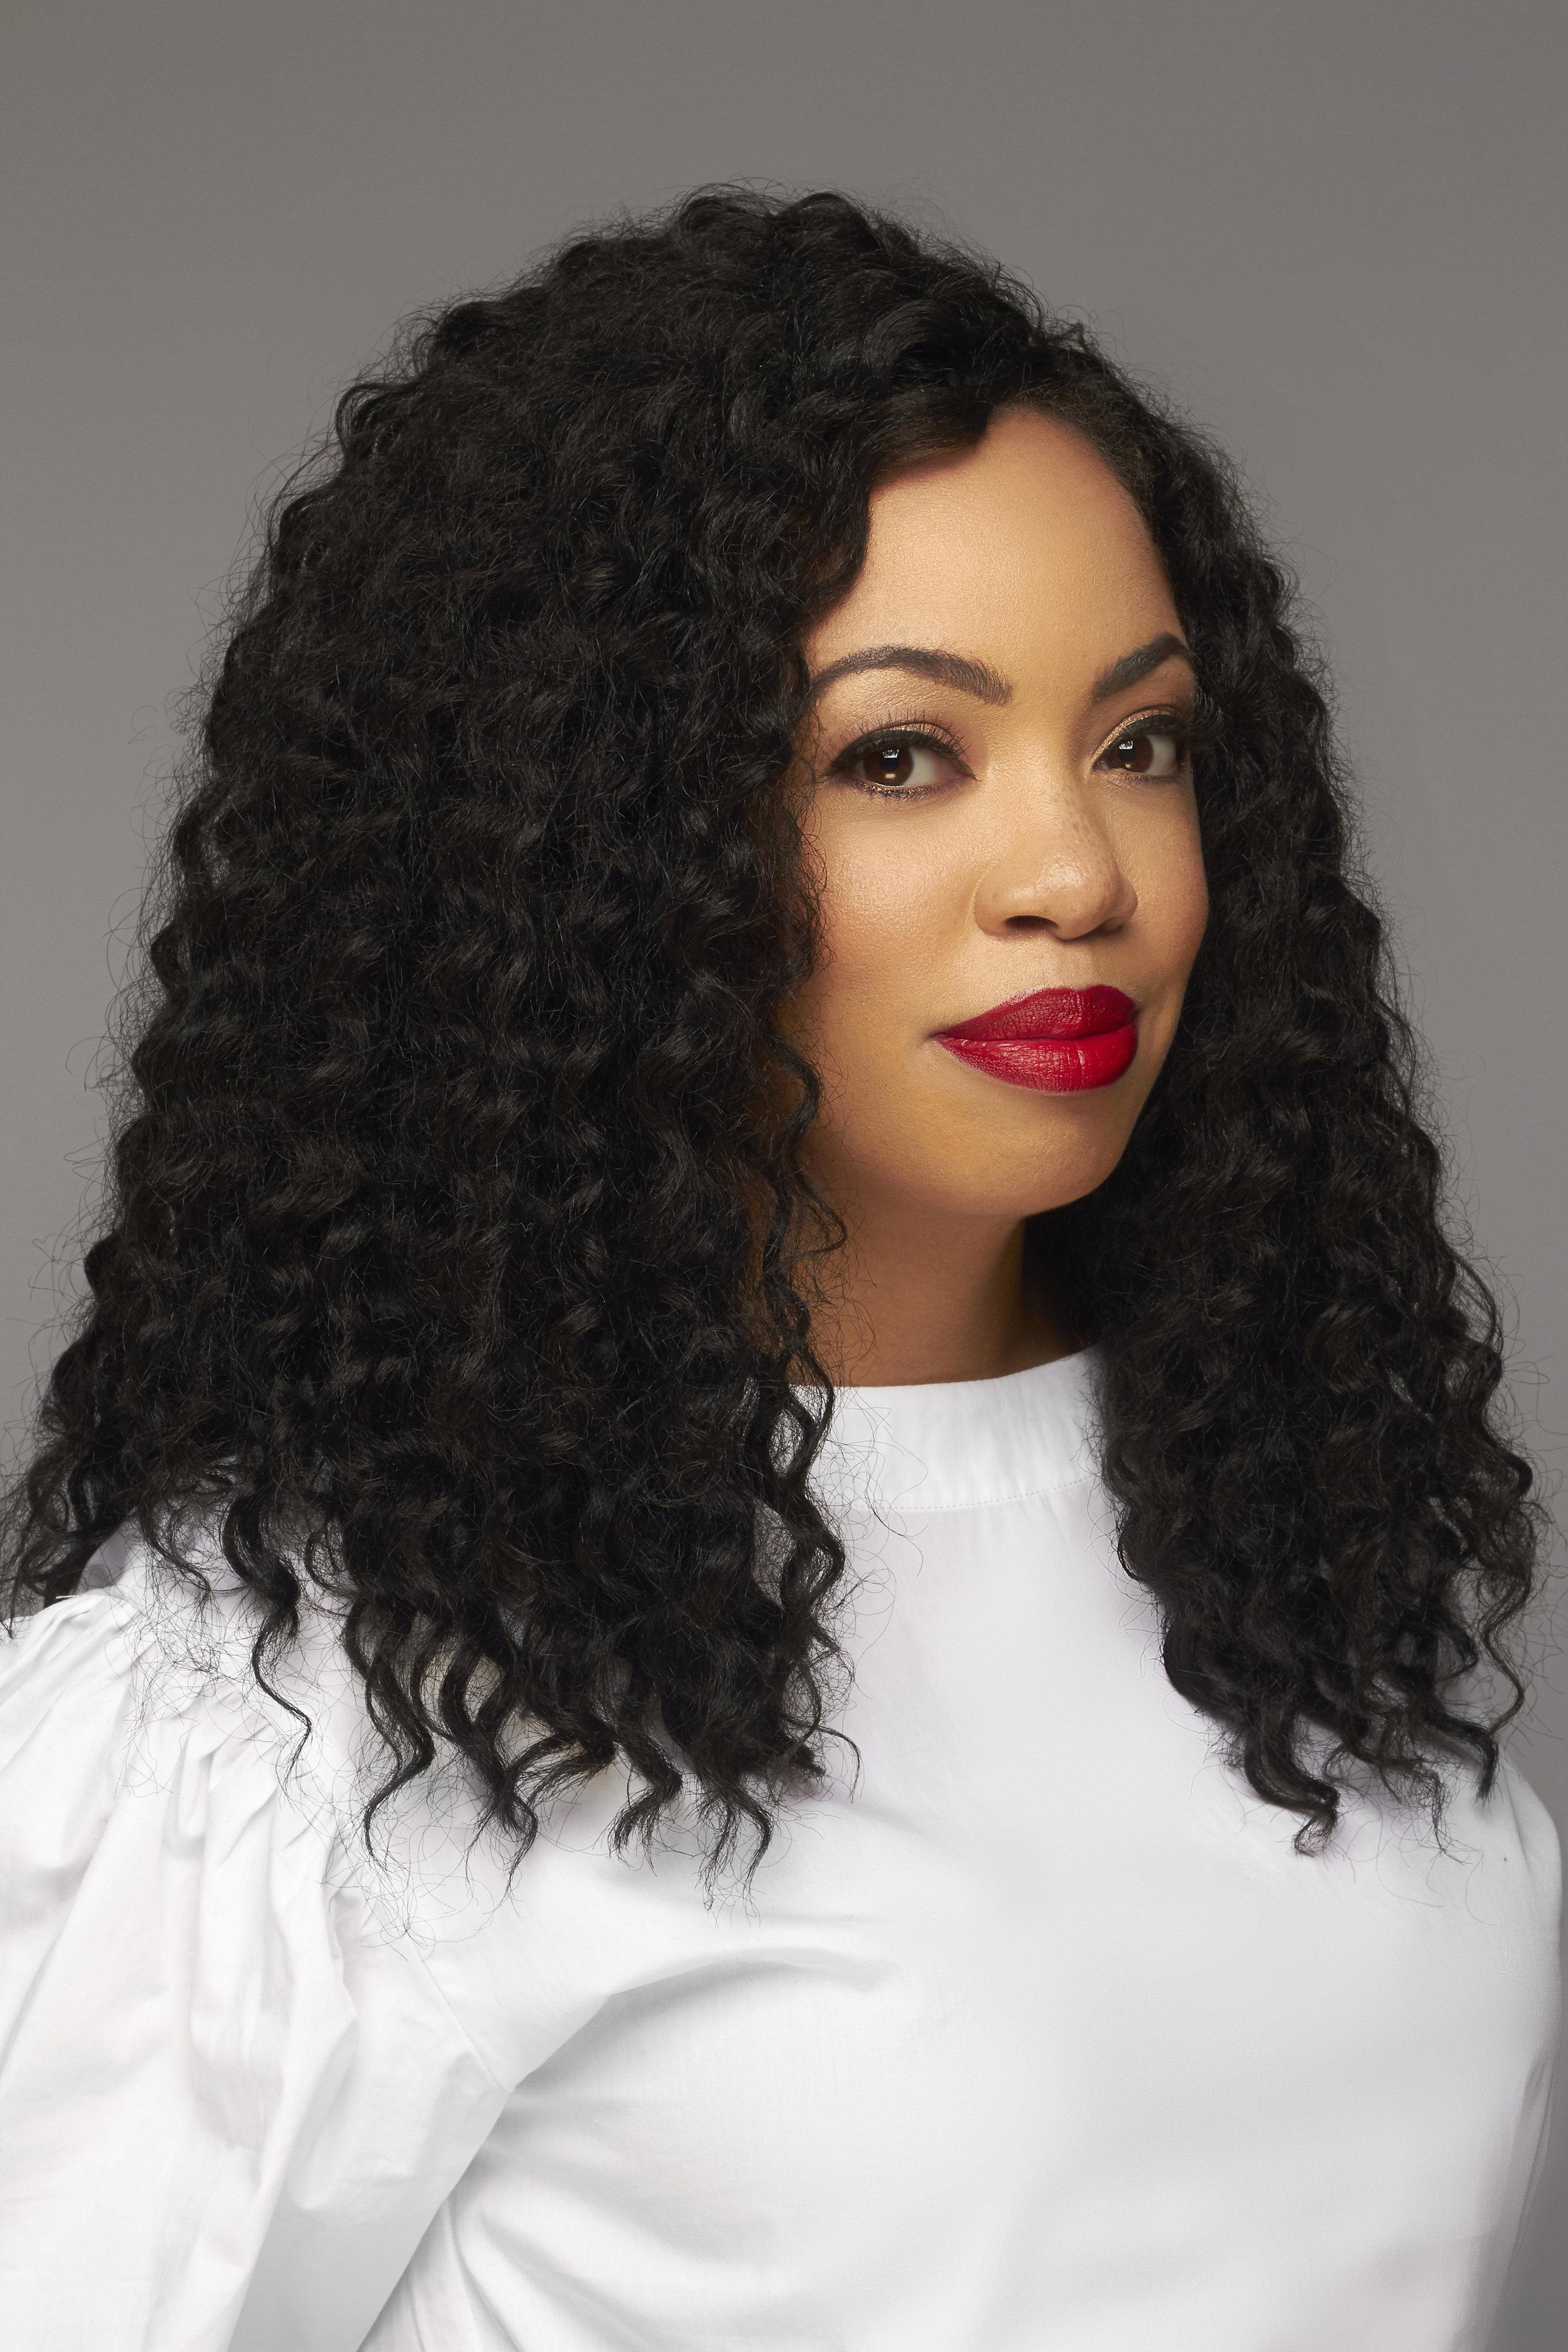 Tiffany D. Jackson -